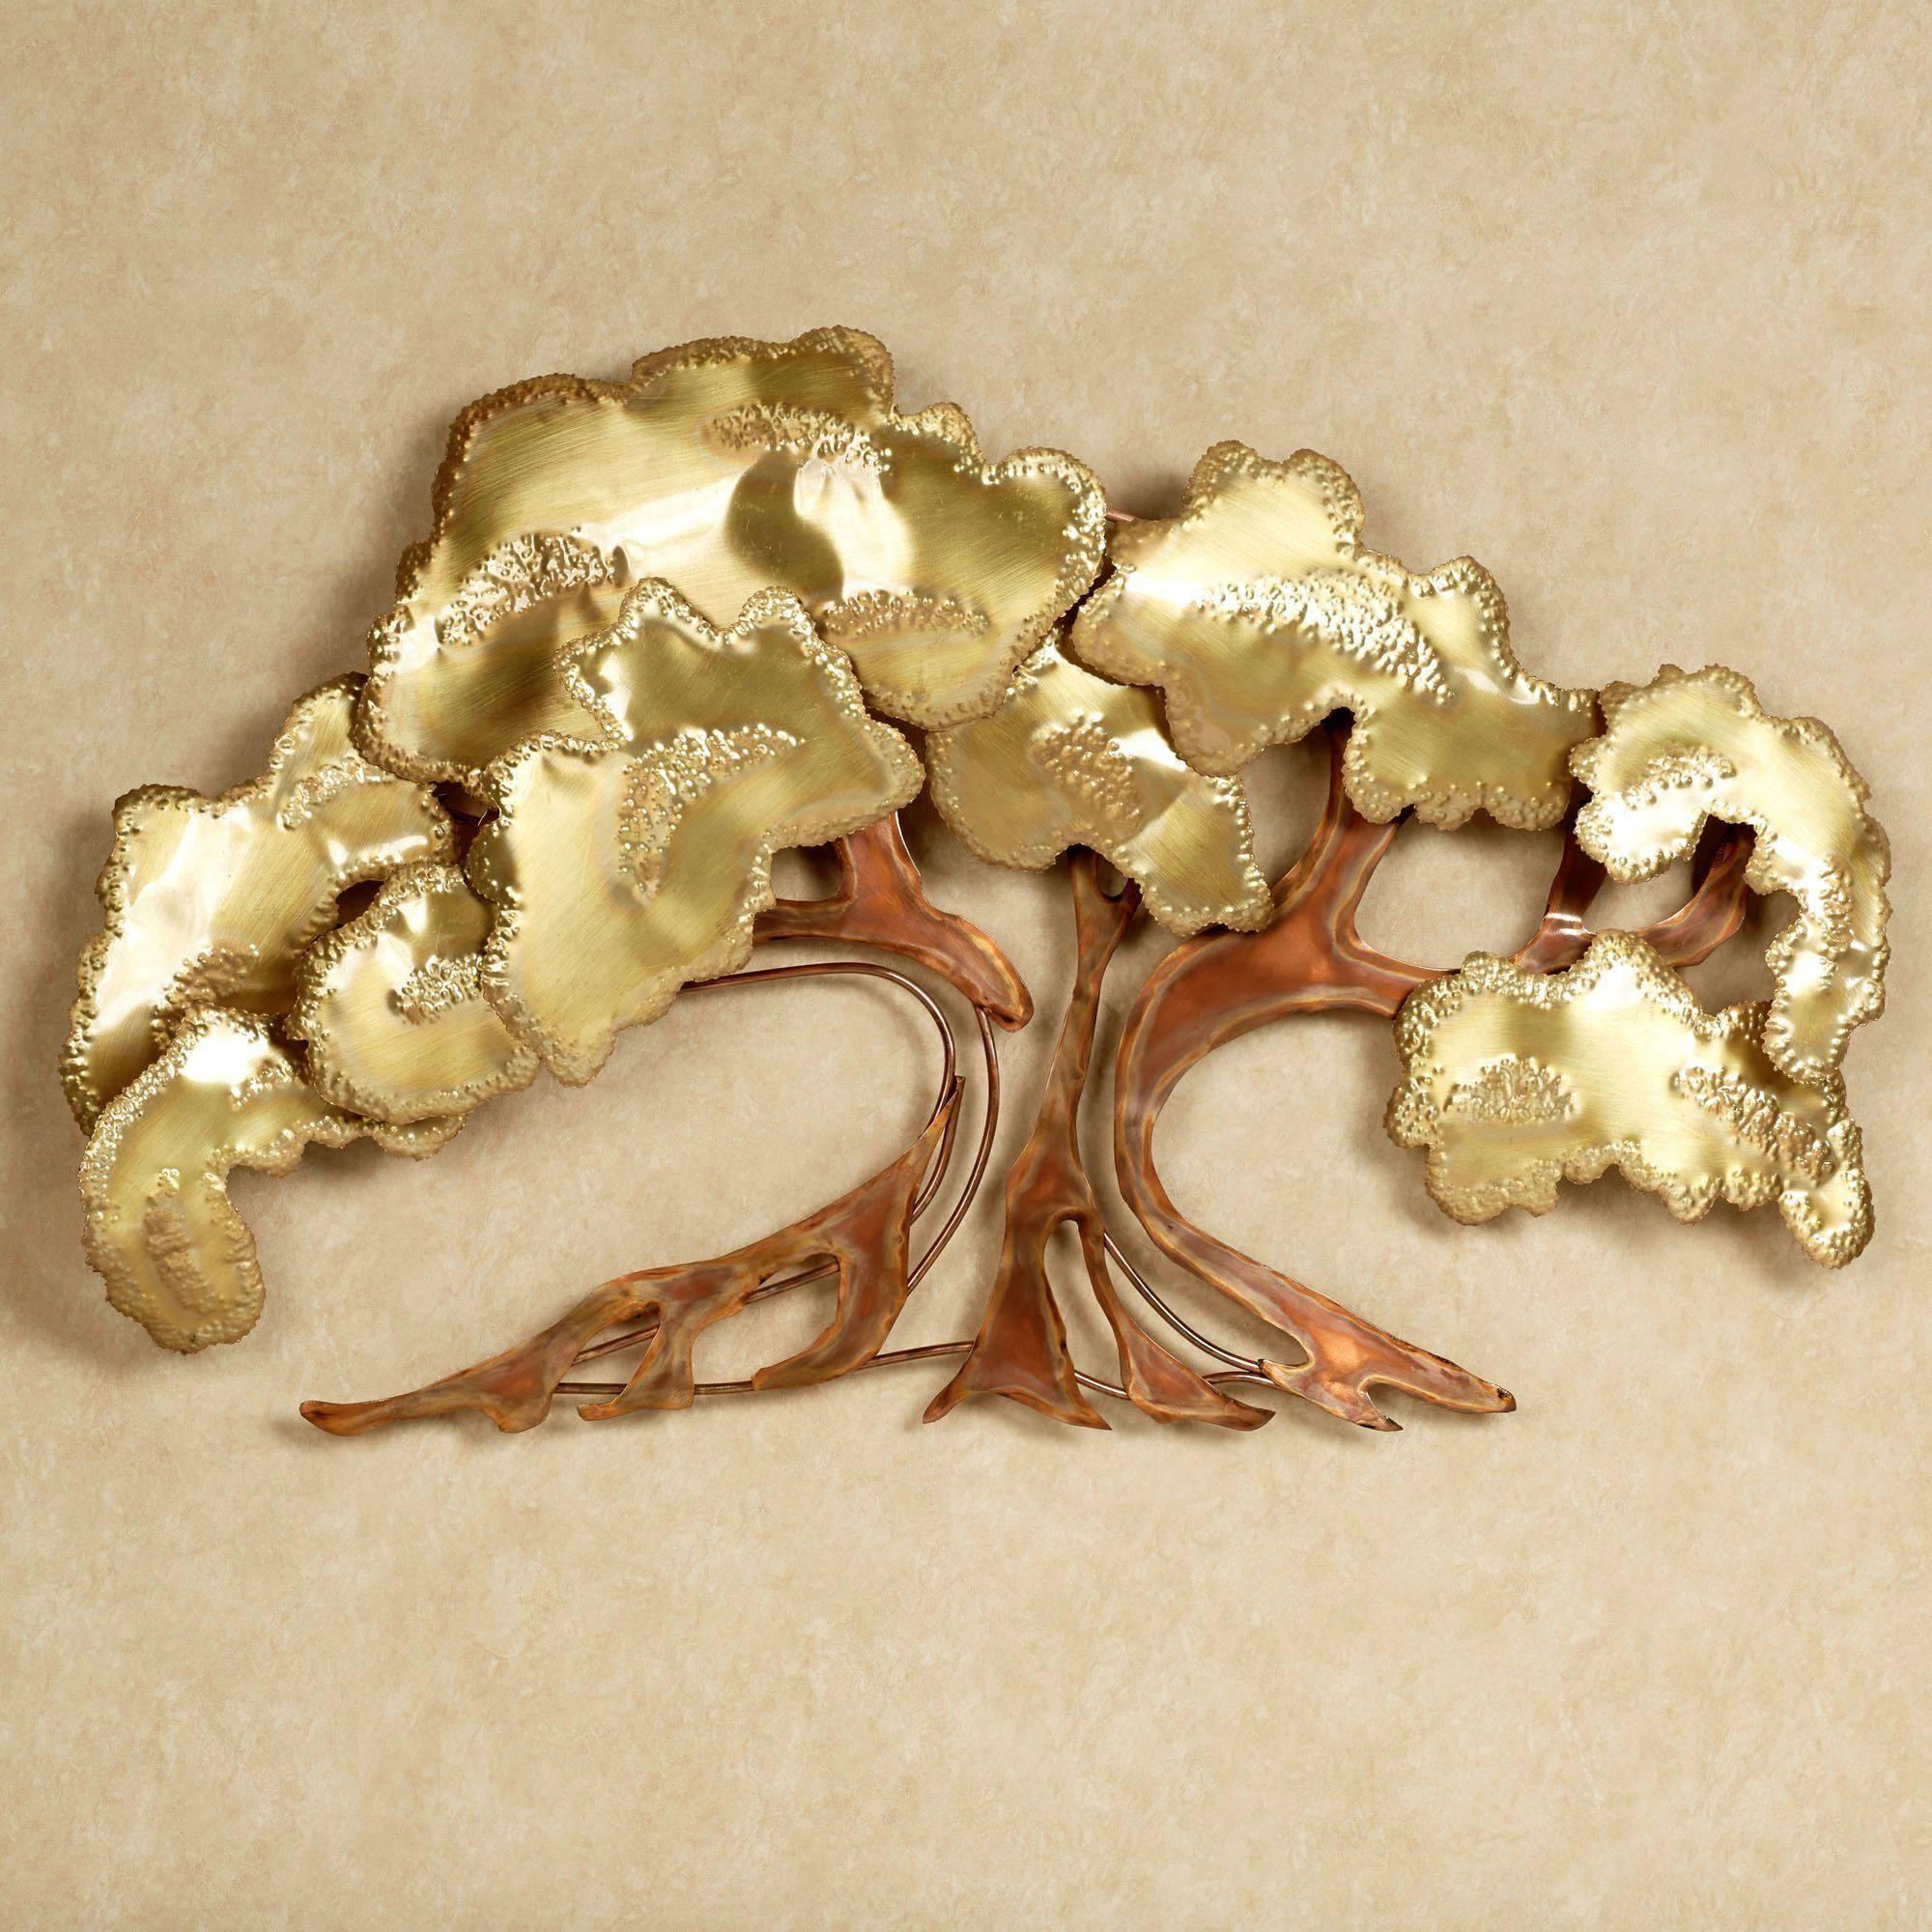 Zen Tree Metal Wall Sculpture Regarding Most Popular Metal Tree Wall Art Sculpture (Gallery 14 of 20)